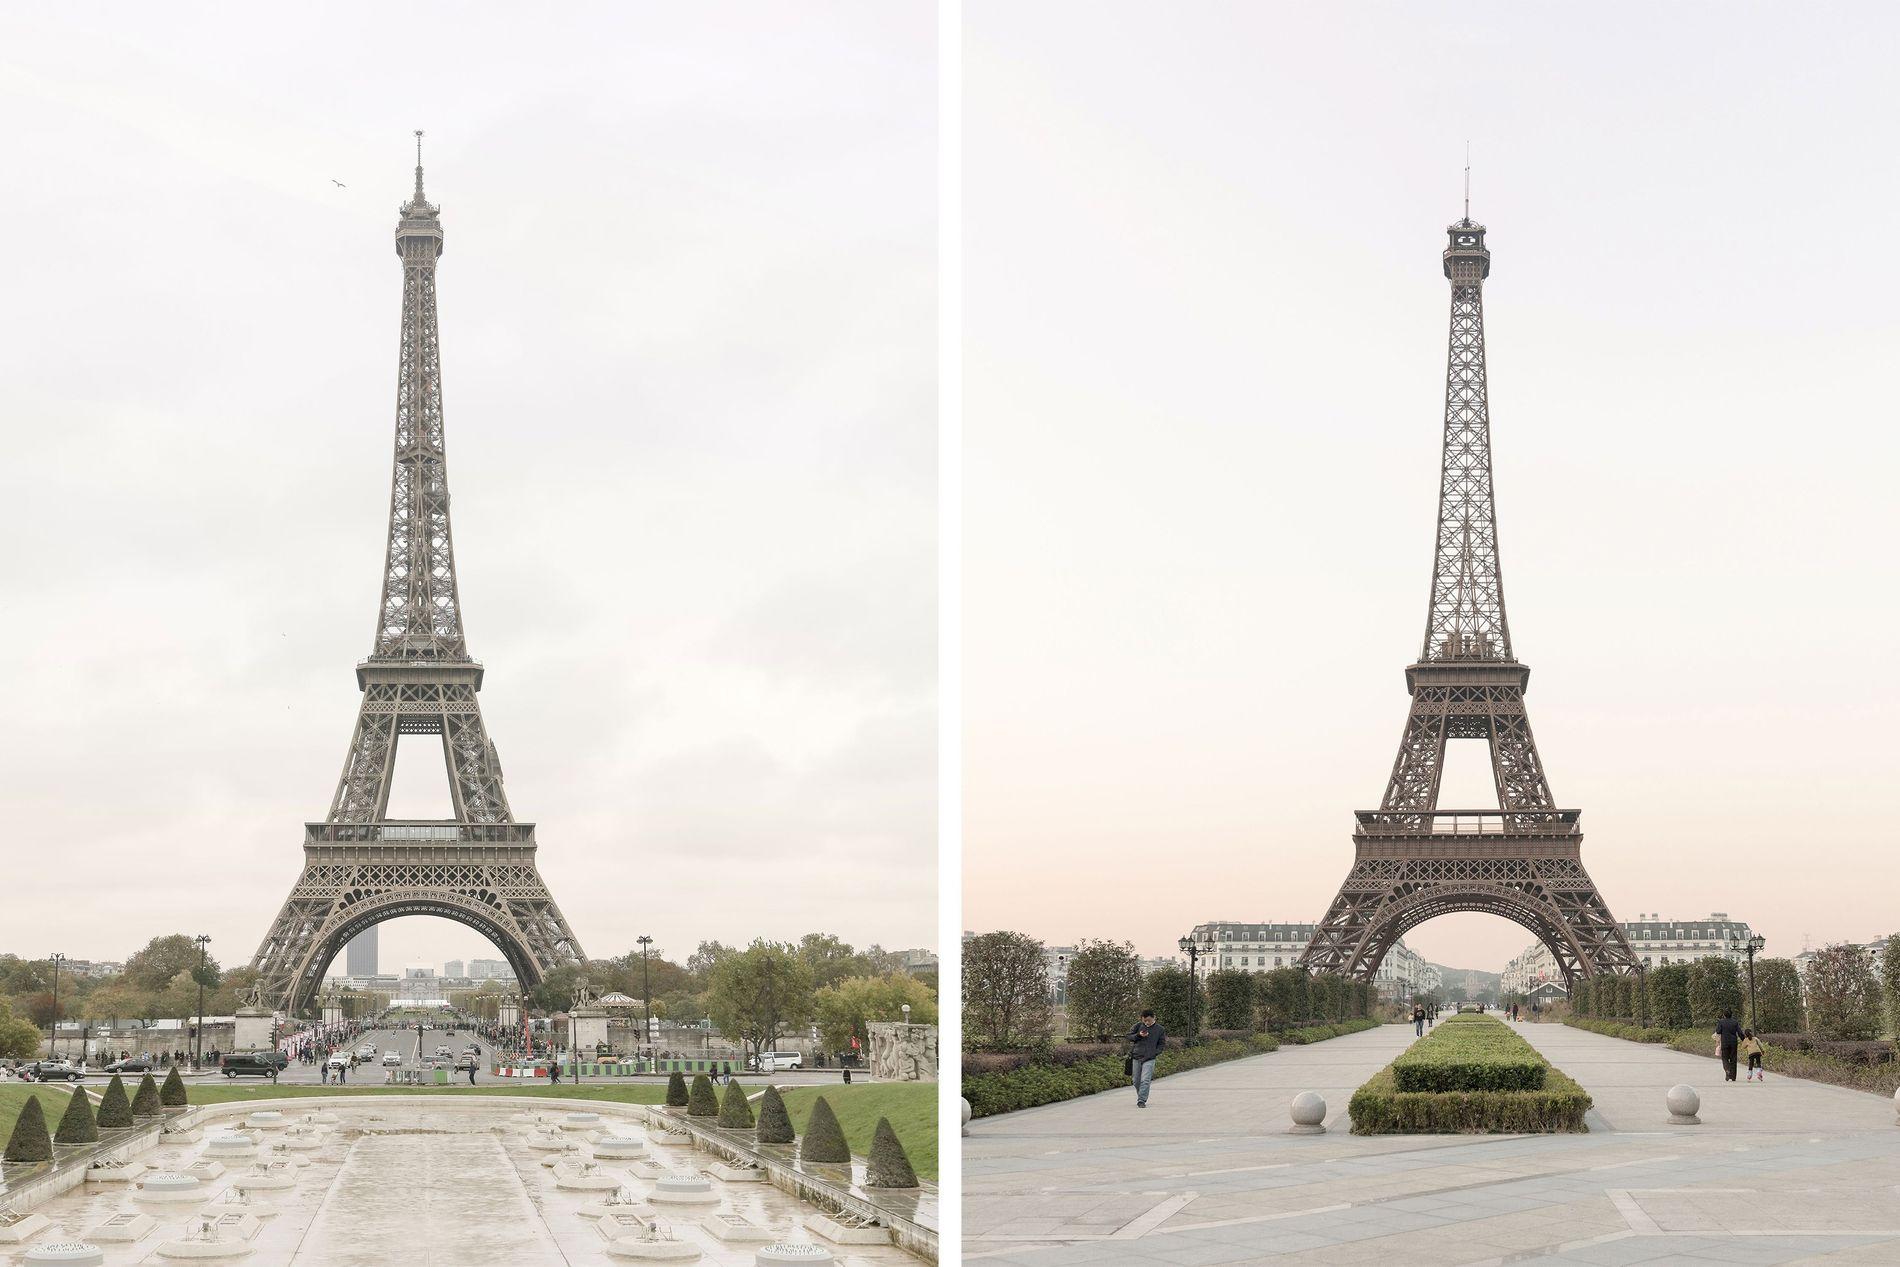 Der Eiffelturm (links) zählt zu den berühmtesten Wahrzeichen von Paris. Die zweitgrößte Nachbildung des Bauwerks befindet sich im chinesischen Tianducheng (rechts).